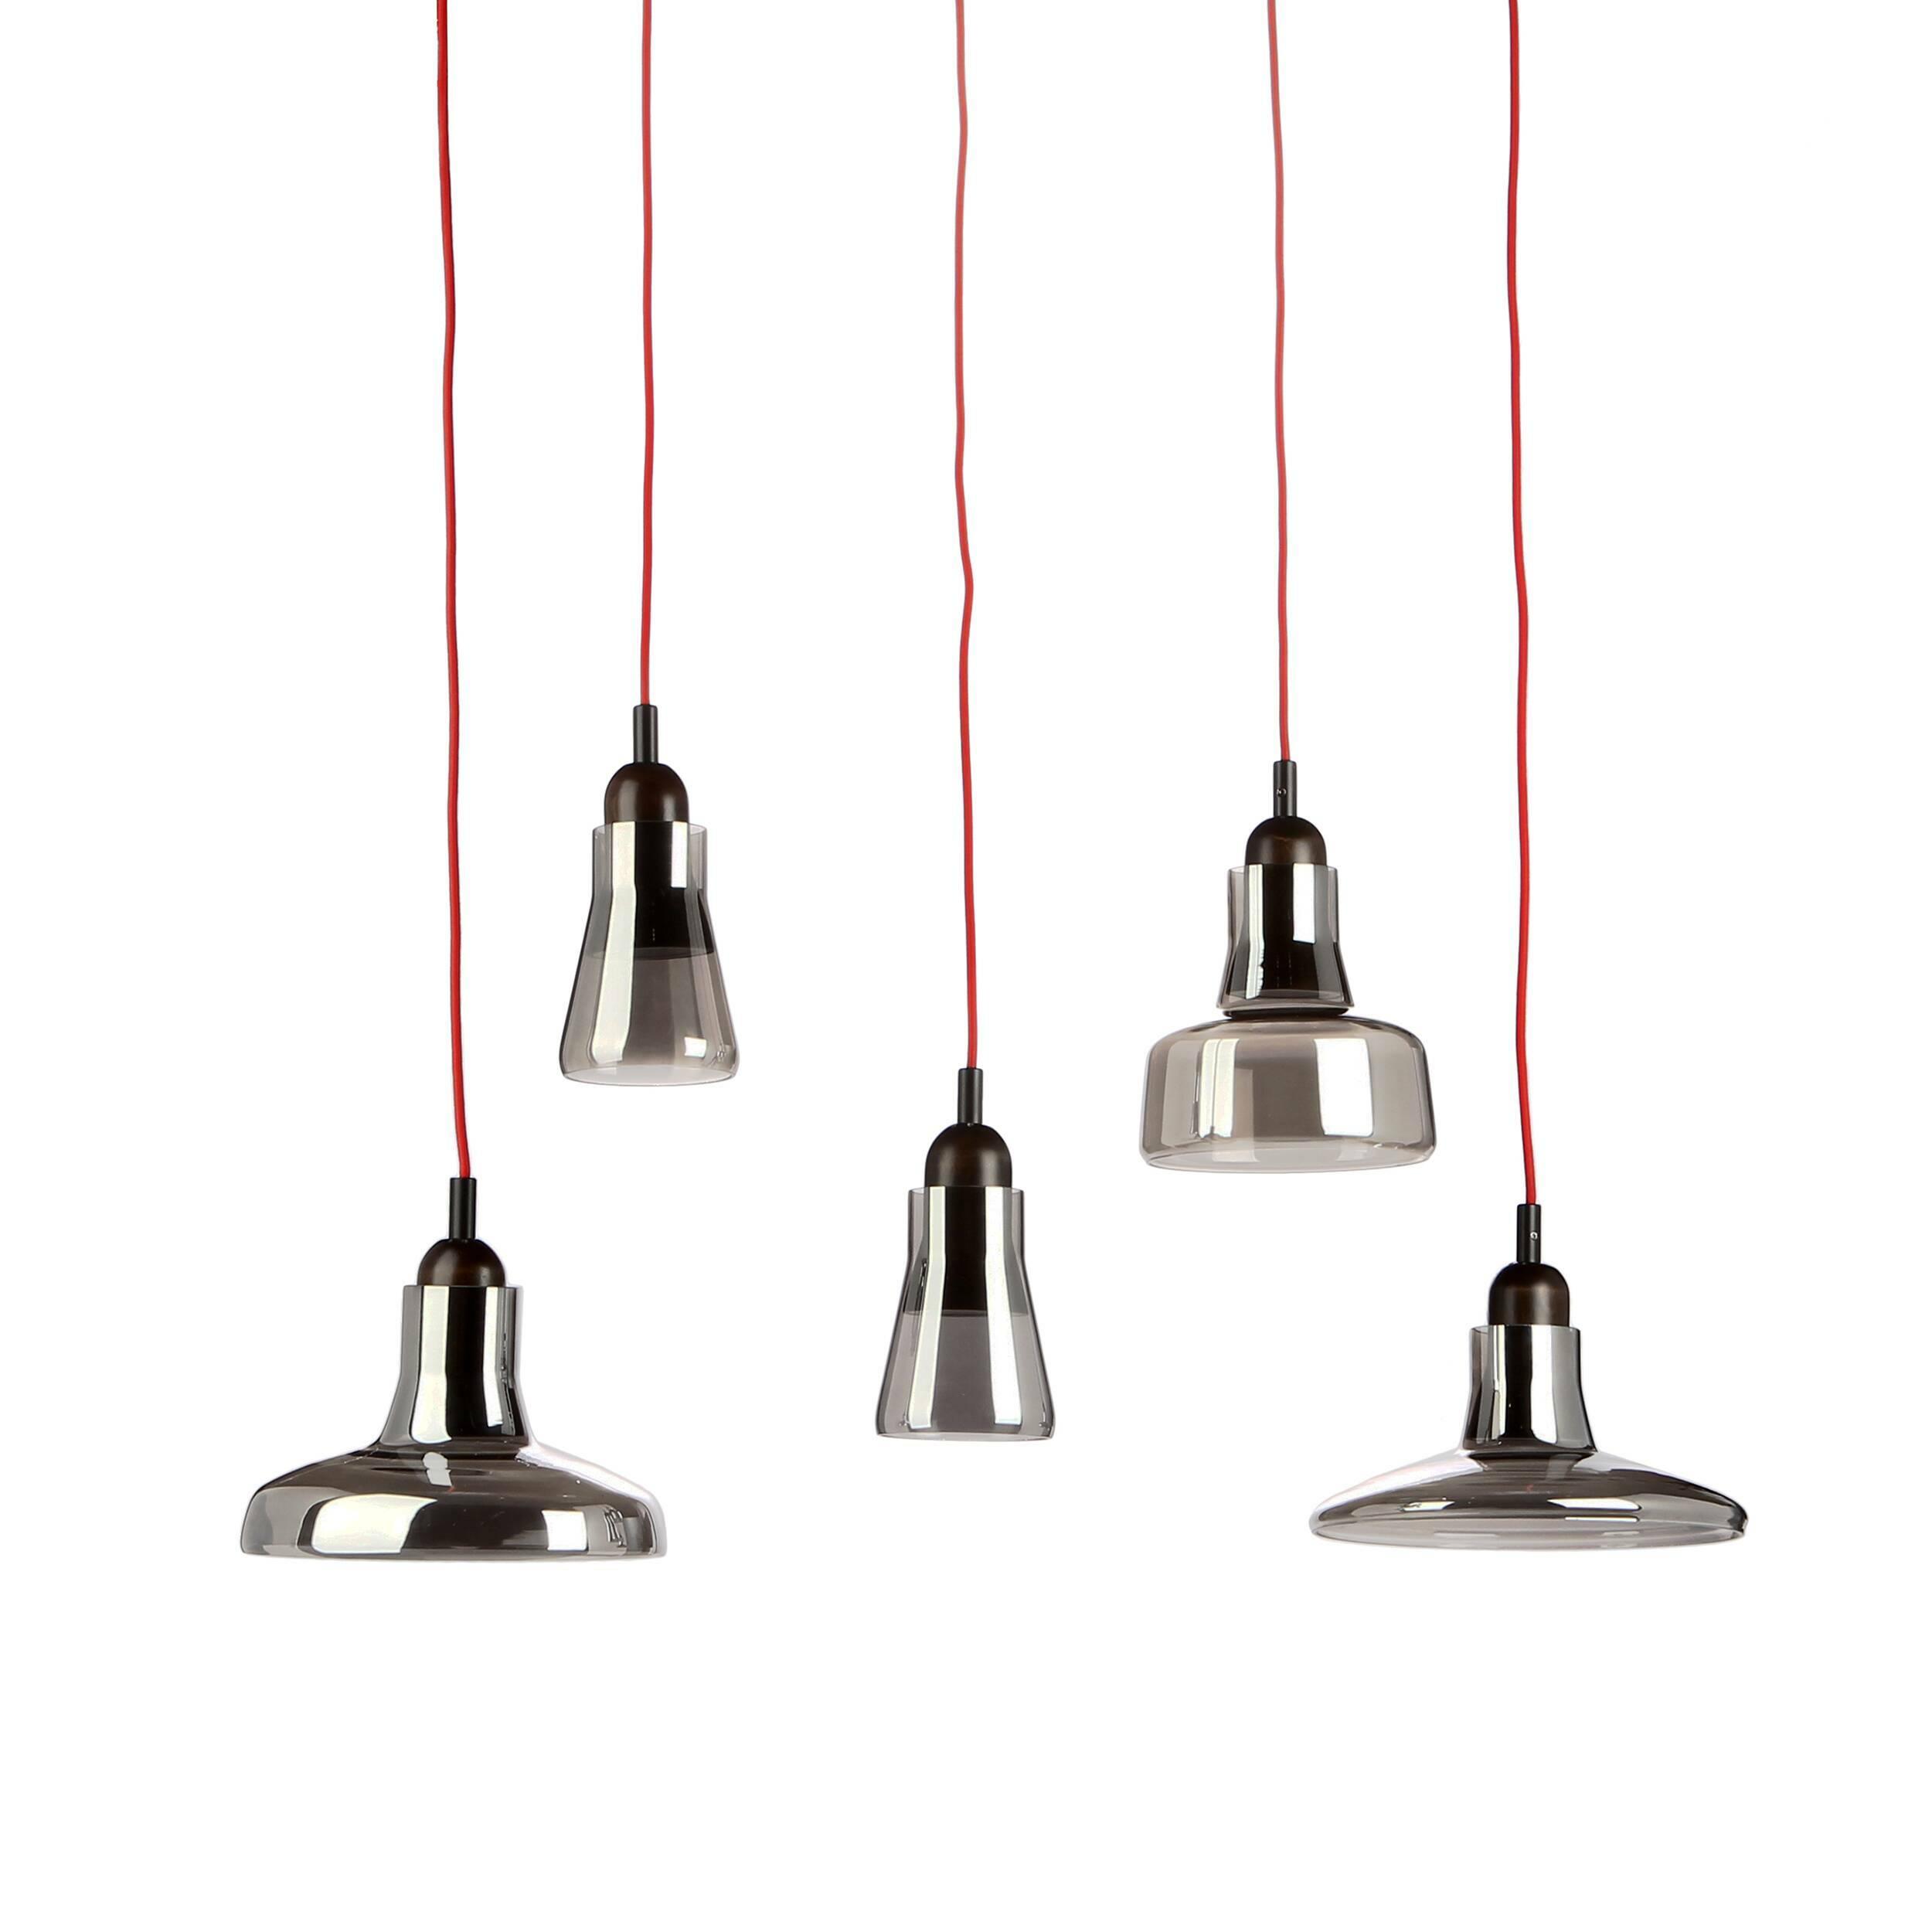 Подвесной светильник ShadowsПодвесные<br>Подвесной светильник Shadows — это тот дизайн, который приятно вас удивит. Минималистичность в деталях — одно из главных преимуществ светильника. При этом он весьма необычен, каждый абажур является частью отдельного светильника. <br><br><br> Изделие отлично подходит для помещений с высокими потолками. Использовать его можно в лофт-интерьере — для него он подходит и конструкцией, и дизайном. Лофт любит приглушенные цвета, простой дизайн и материалы природного происхождения. По этим и многим друг...<br><br>stock: 1<br>Высота: 200<br>Диаметр: 100<br>Количество ламп: 5<br>Материал абажура: Стекло<br>Материал арматуры: Дерево<br>Мощность лампы: 4<br>Ламп в комплекте: Нет<br>Напряжение: 220<br>Тип лампы/цоколь: LED<br>Цвет абажура: Серый